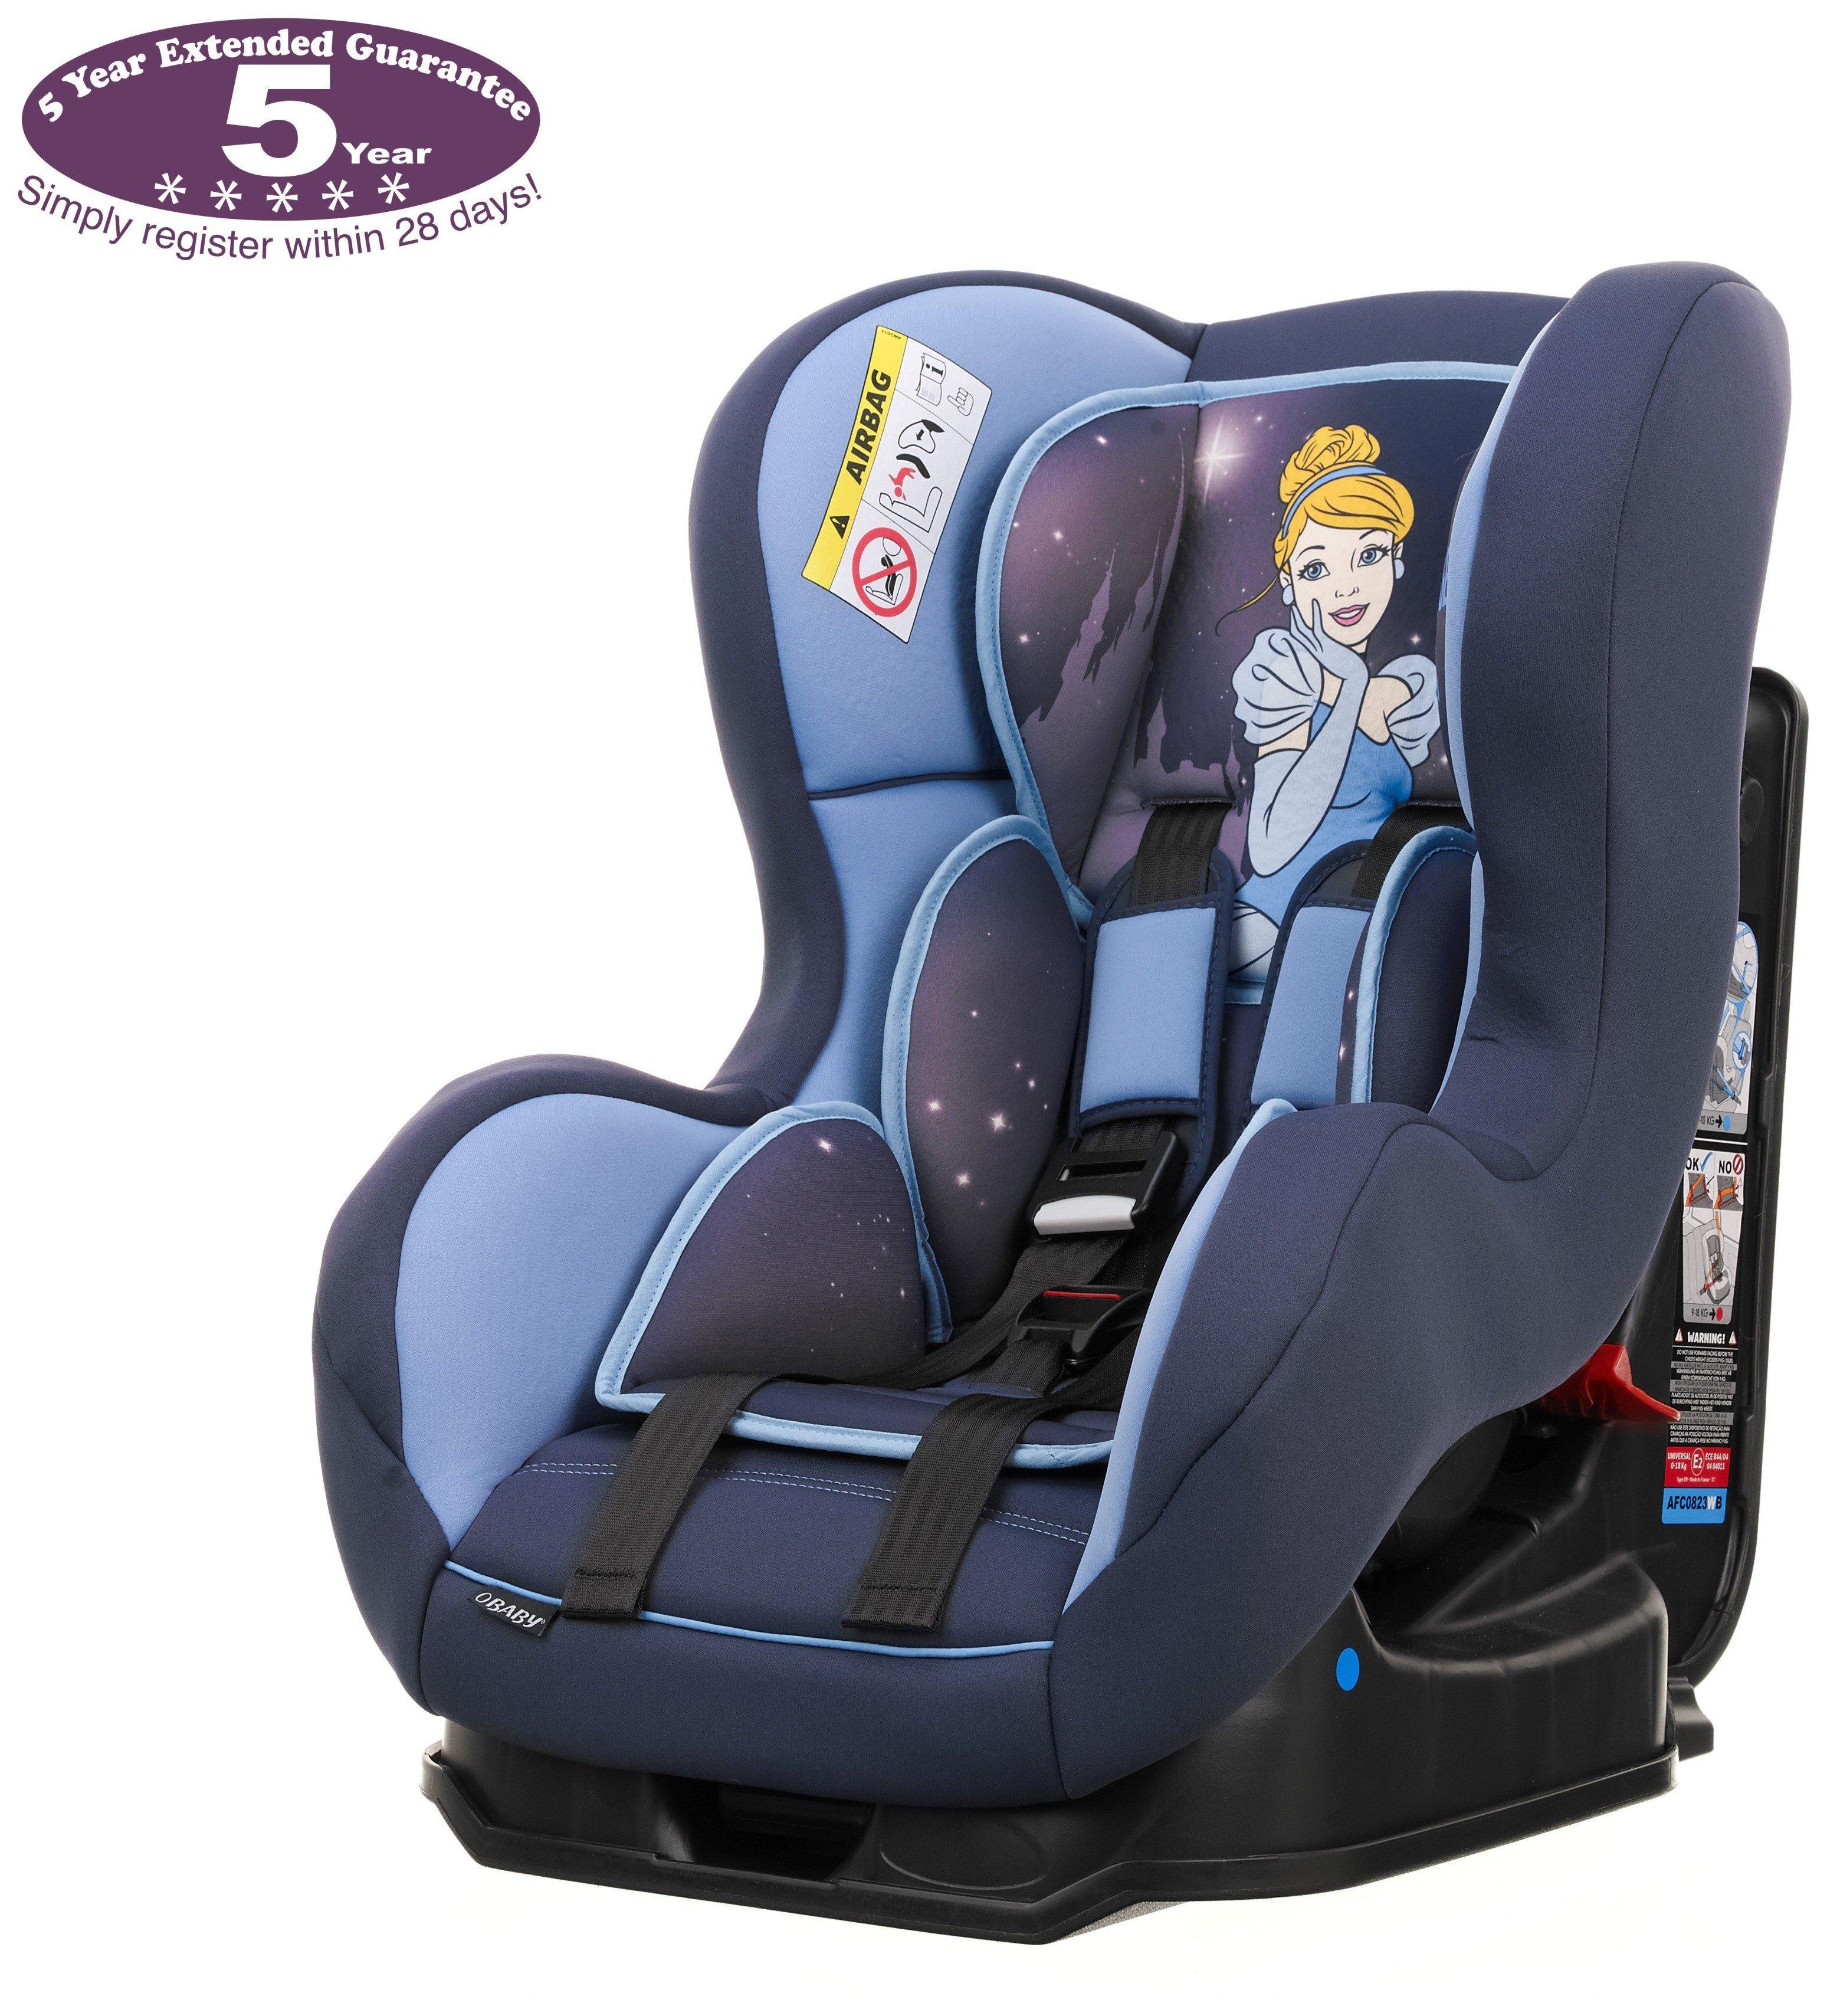 Combination Car Seats Argos